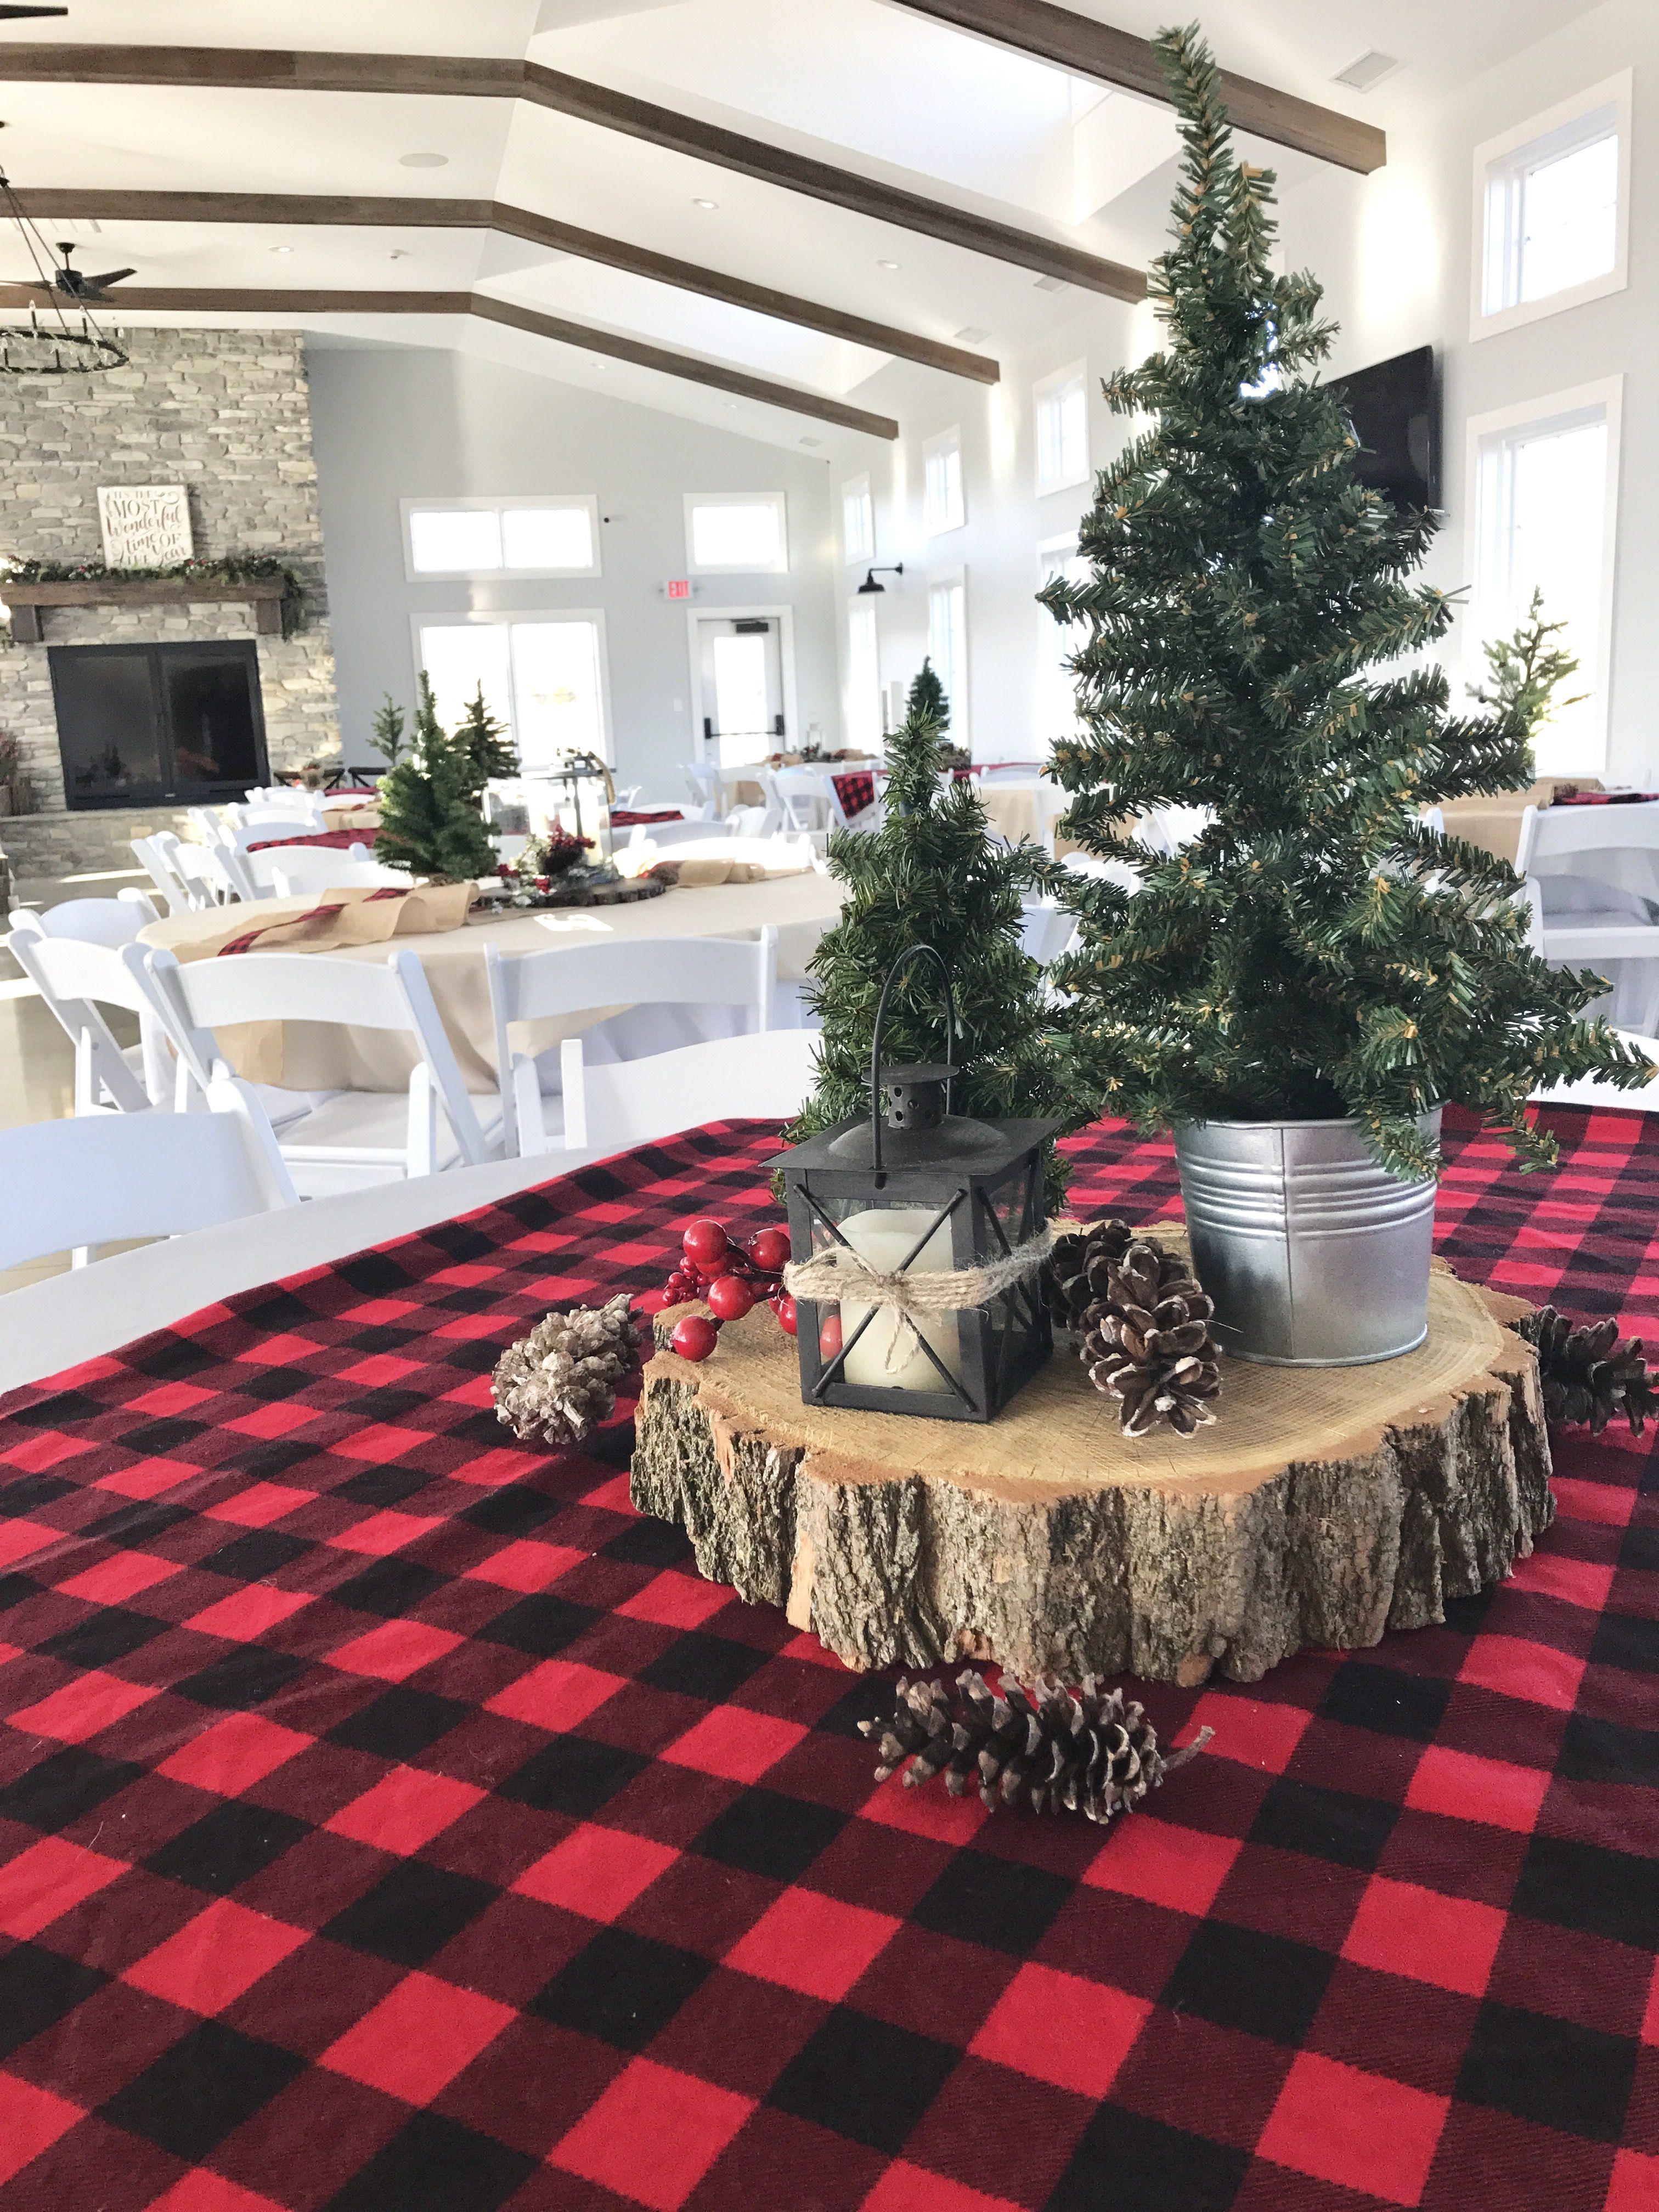 Épinglé par Aimée Payette sur Holidays ❄️⛄️  Decoration table